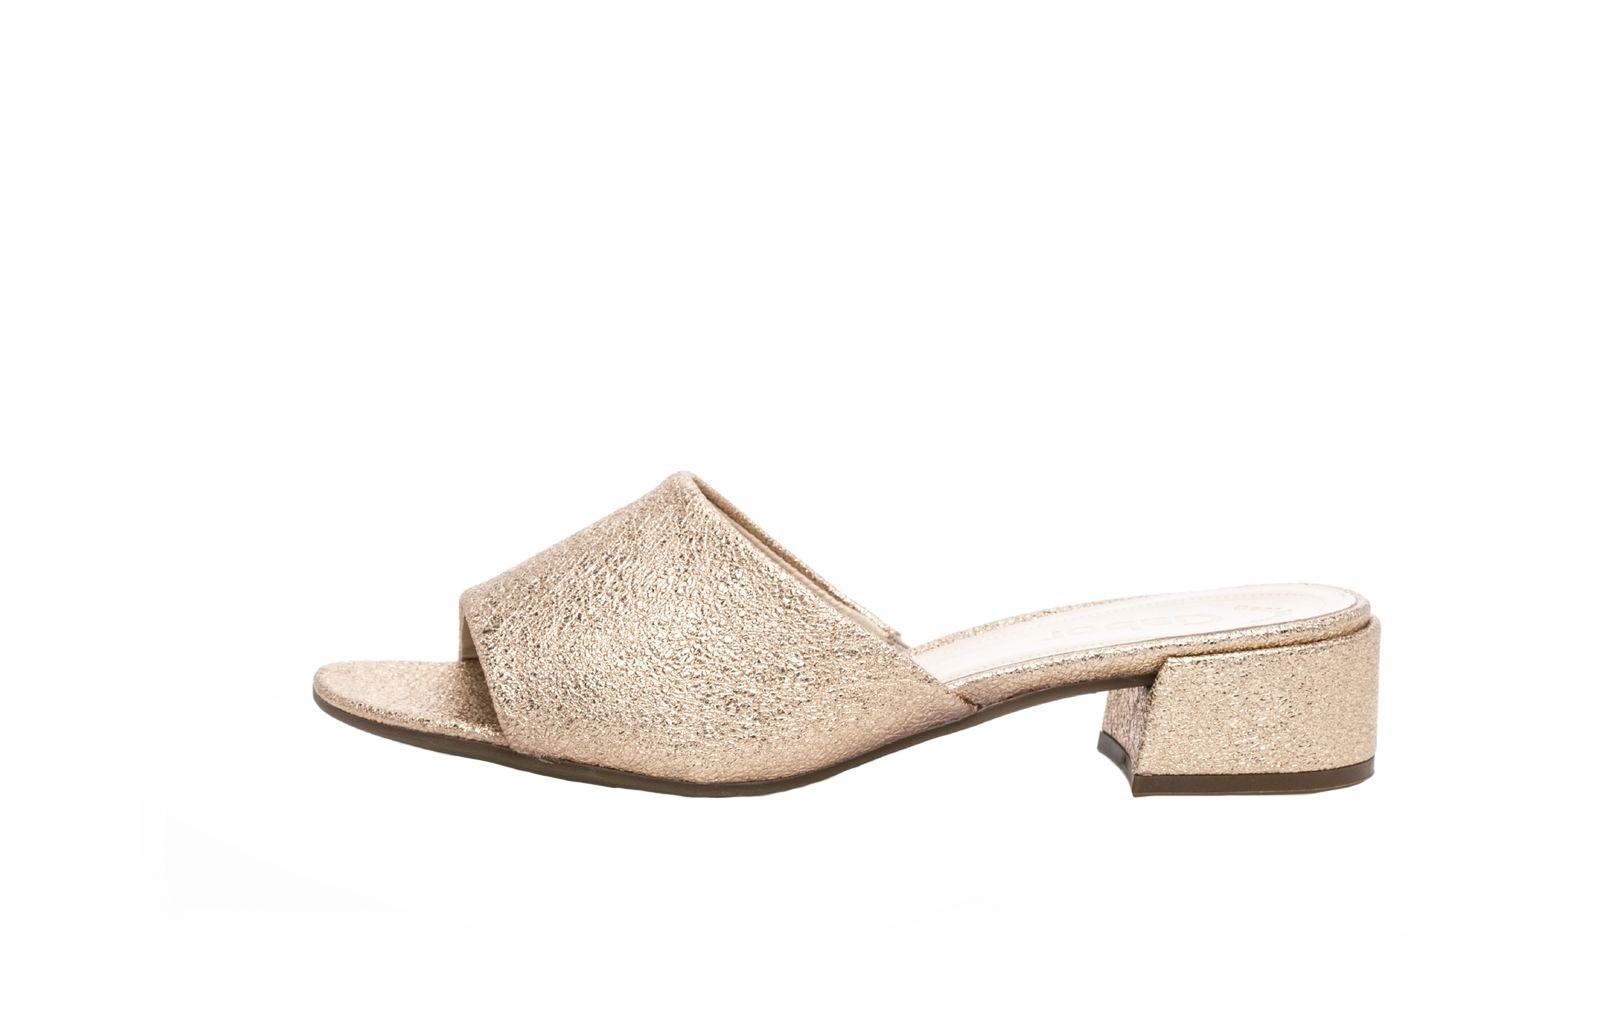 Gabor Damen Pantolette 21.700.64 rosato effekt metallic | Schuhe direkt vom Schuhhändler